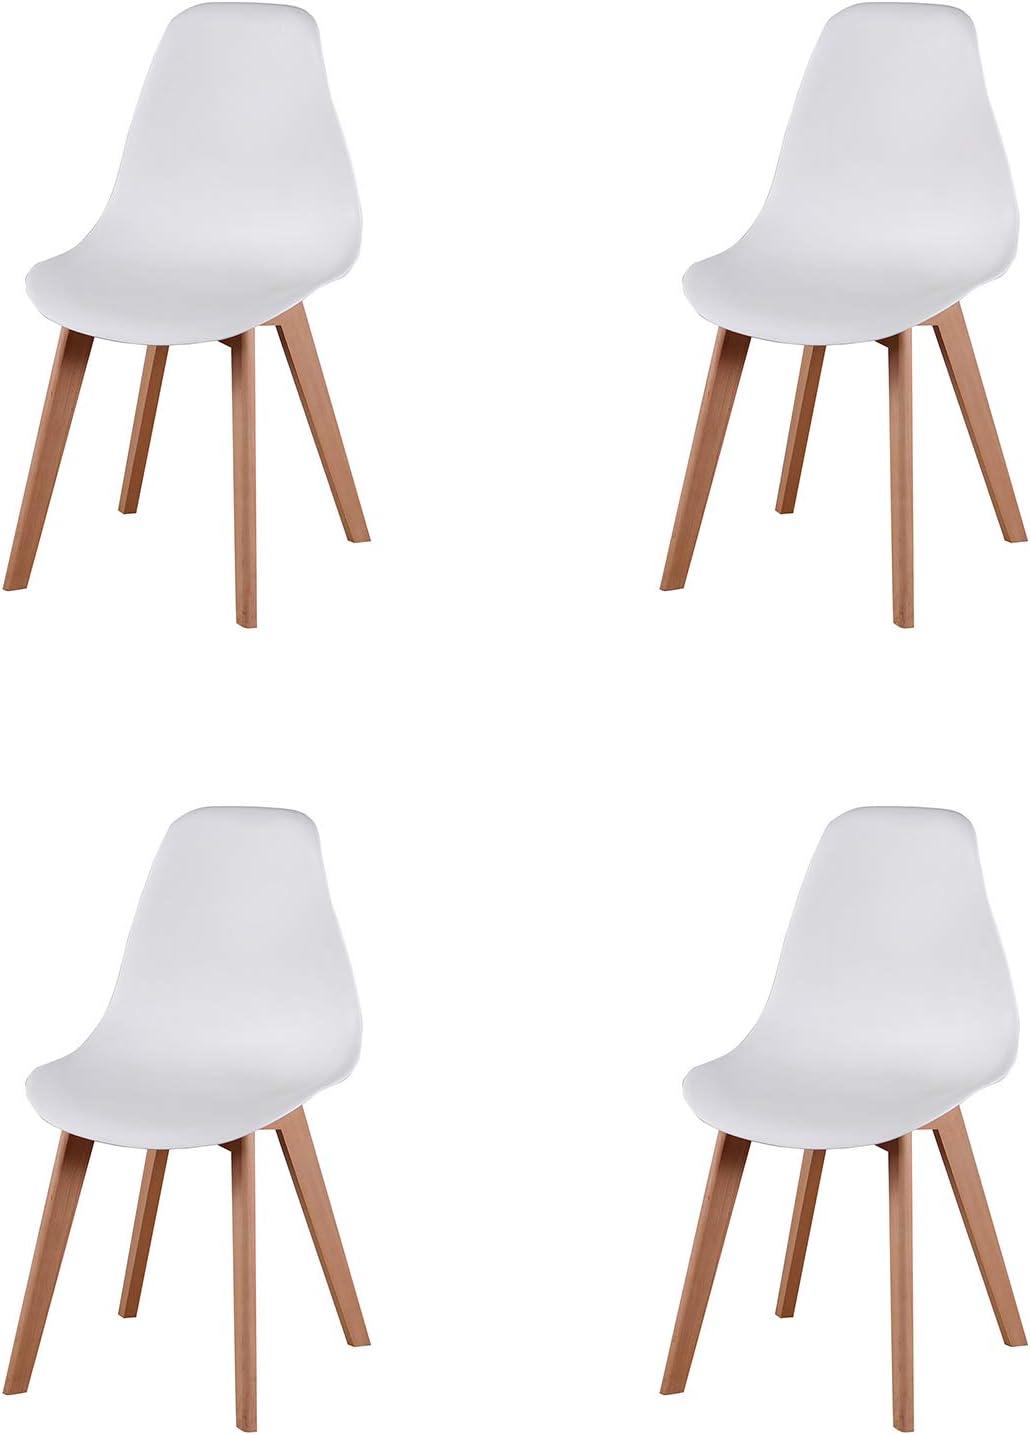 Juego de 4 sillas de Comedor Modernas de Estilo Medio Siglo de diseño nórdico, Hechas de Patas de Madera de Haya Maciza y Asiento de PP; Ideal para Sala de Estar, Comedor, cafetería, etc. (Blanco)